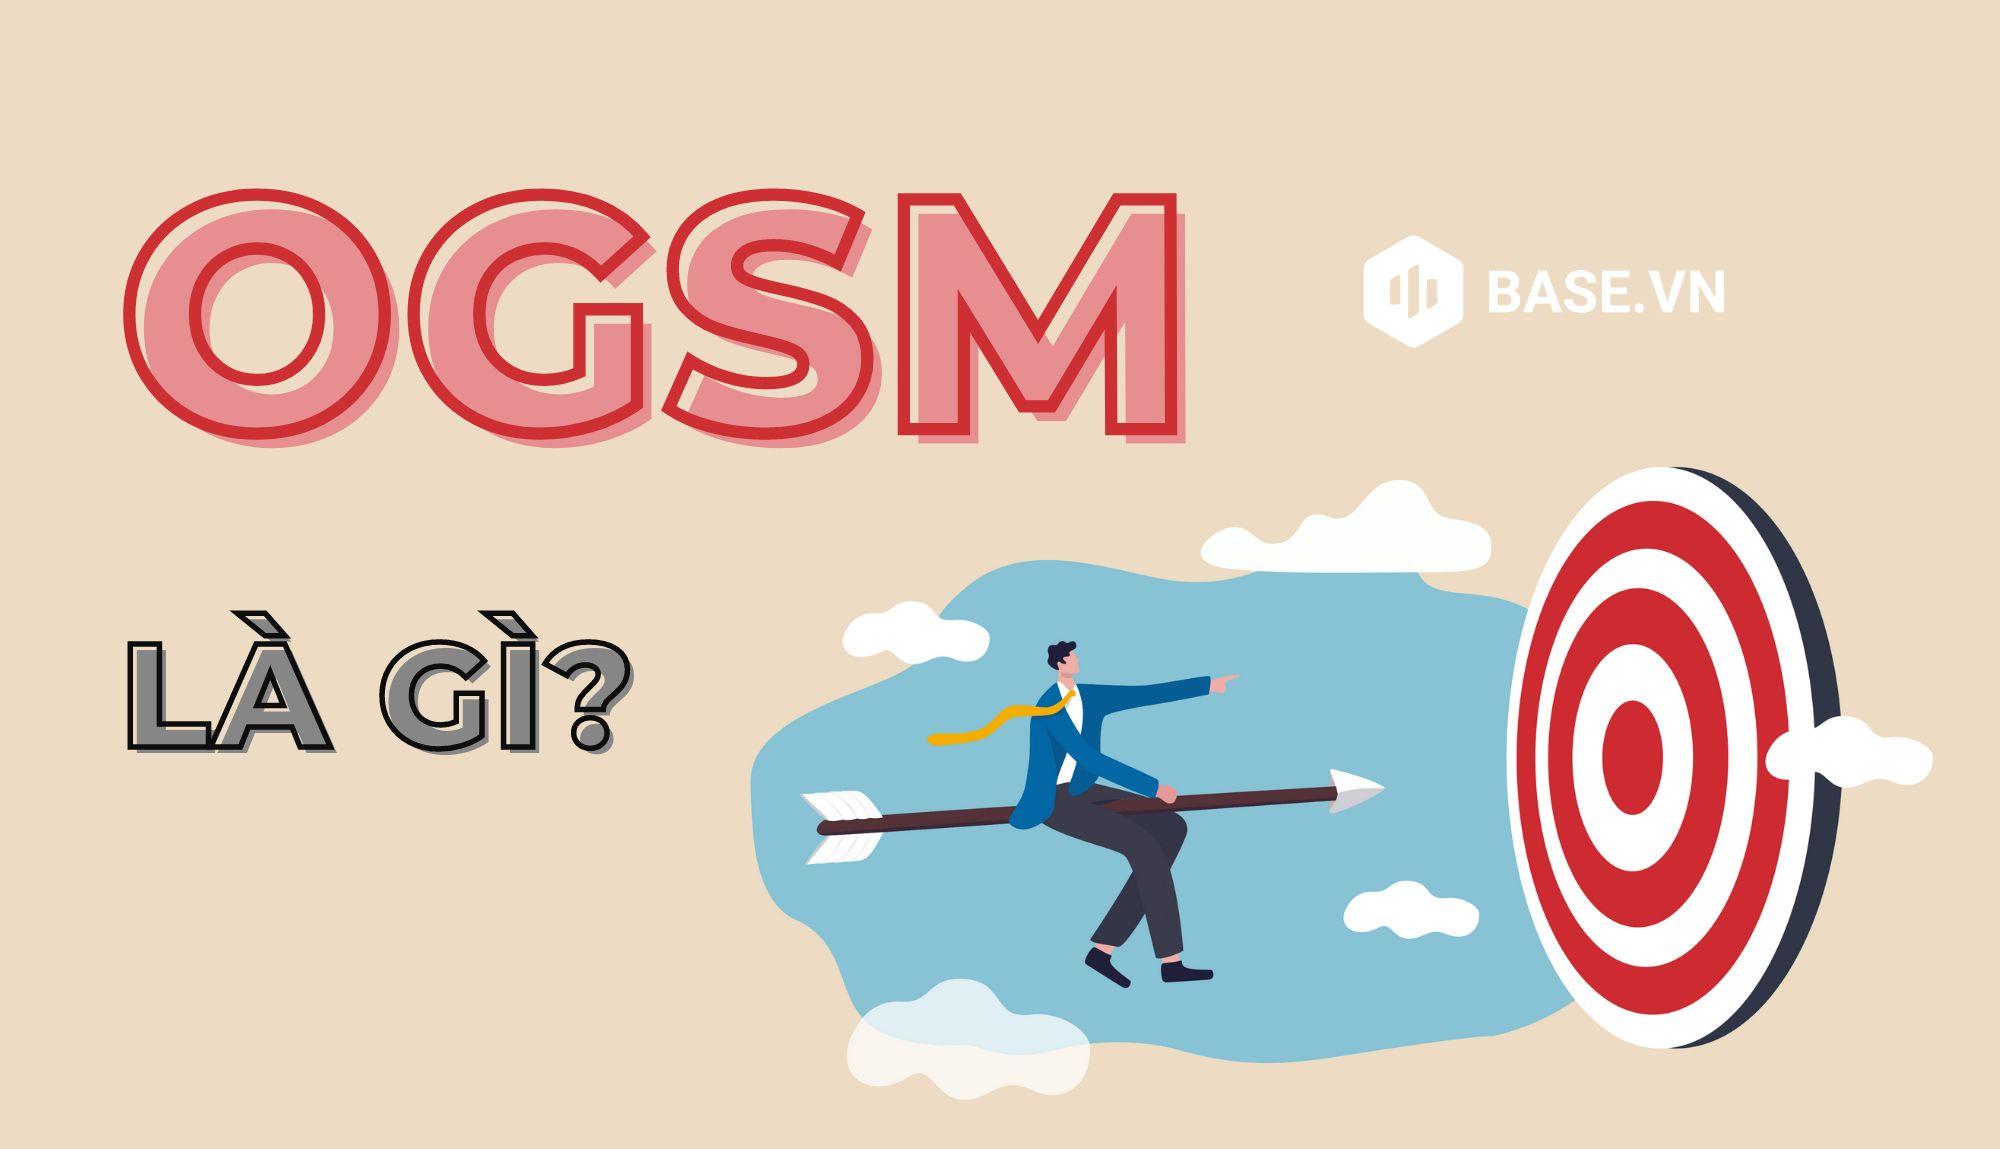 OGSM là gì? Mô hình được Coca và Honda áp dụng có gì khác biệt?